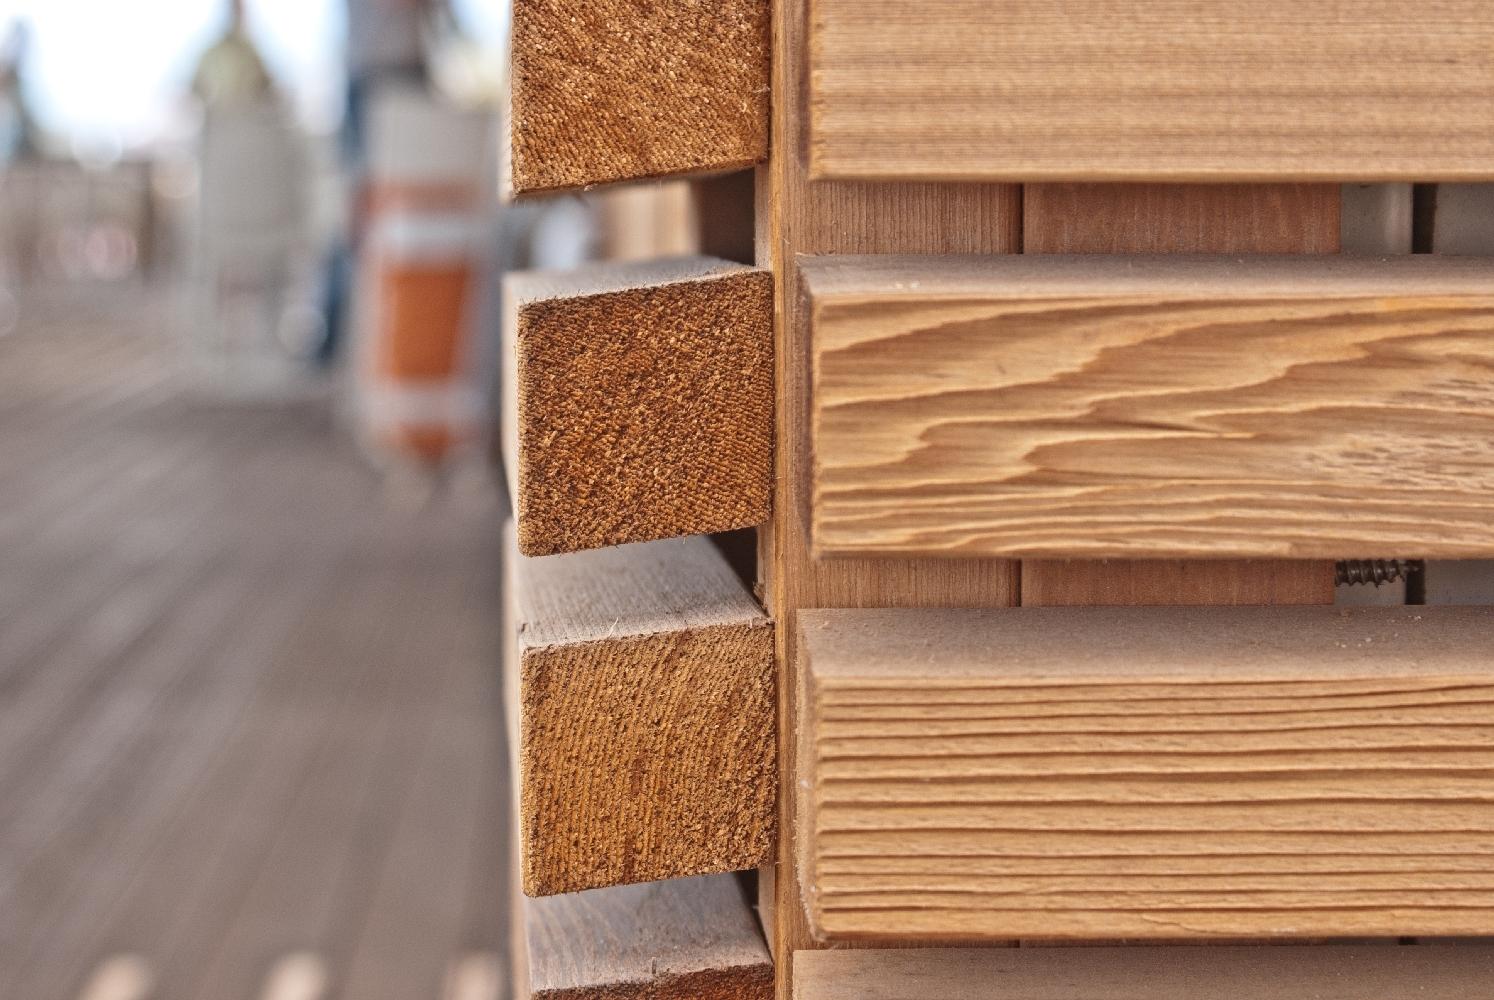 Preferenza Rivestimenti in legno per esterno e facciate ventilate | Jove WB39